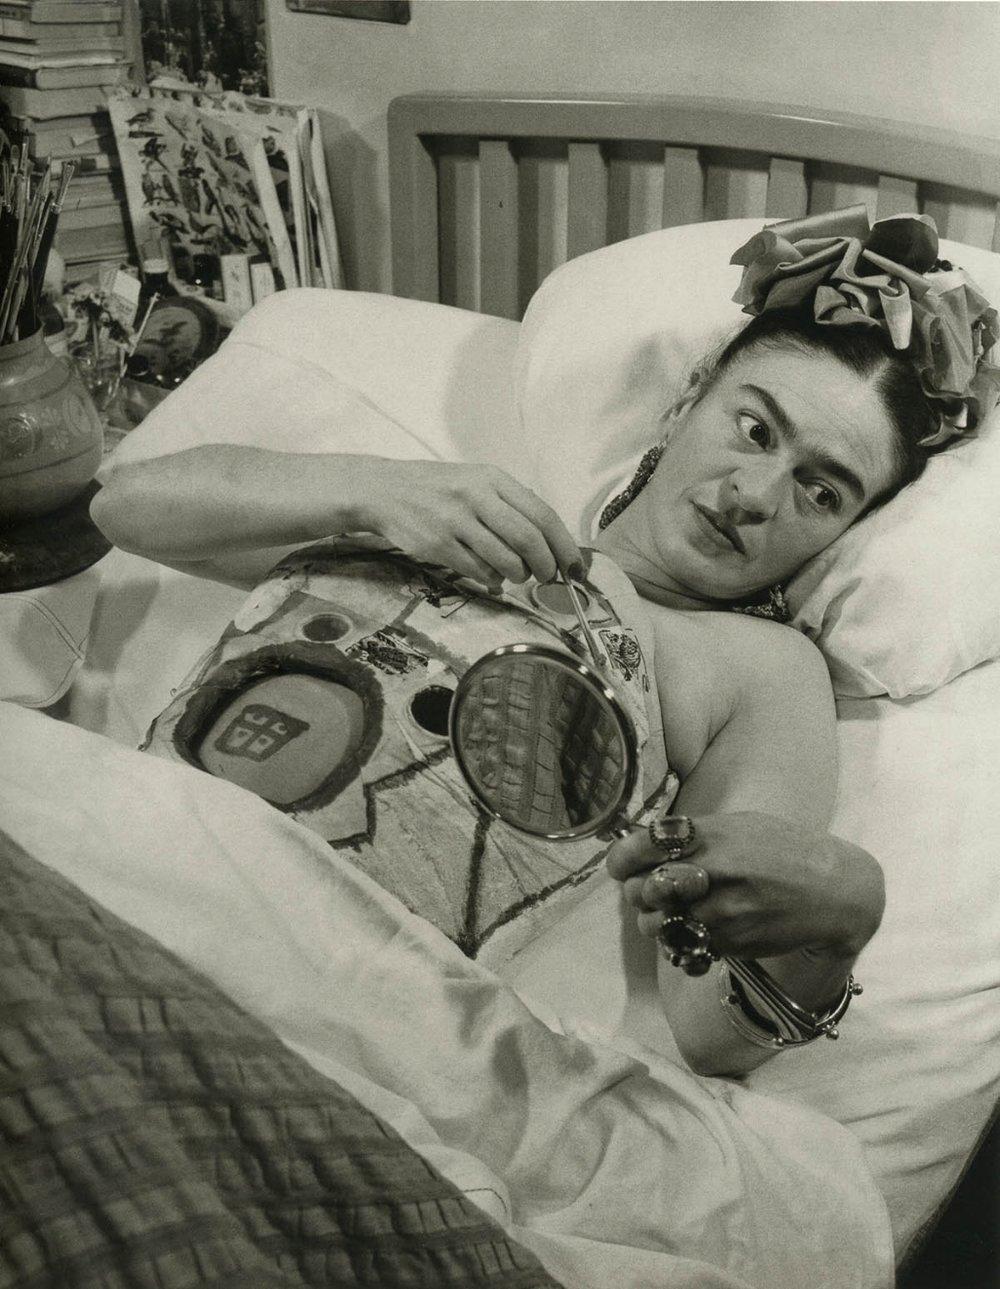 Juan Guzmán, 'Frida Kahlo in hospital bed holding mirror', c1950s